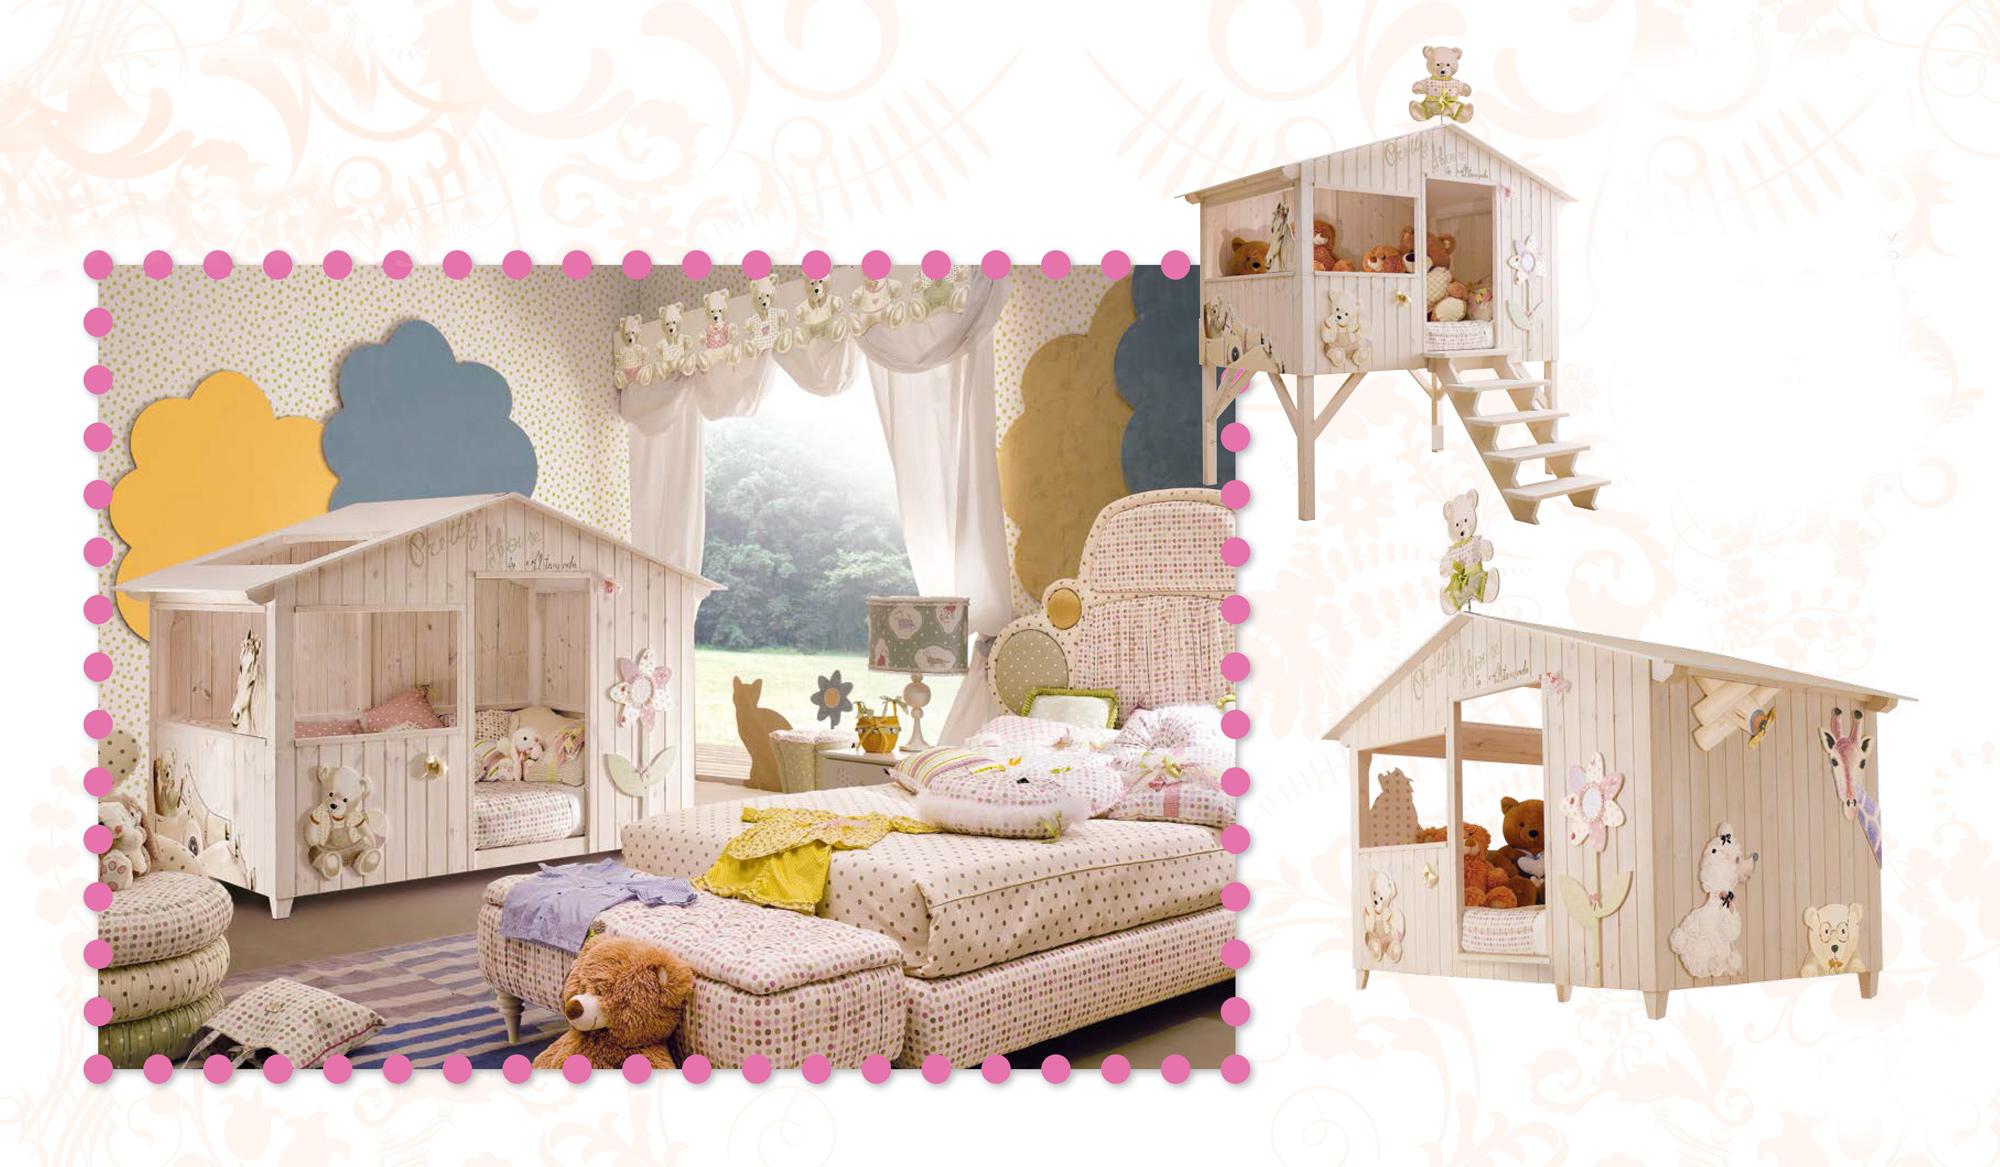 Le lit cabane enfant le rªve de tous les petits aventuriers